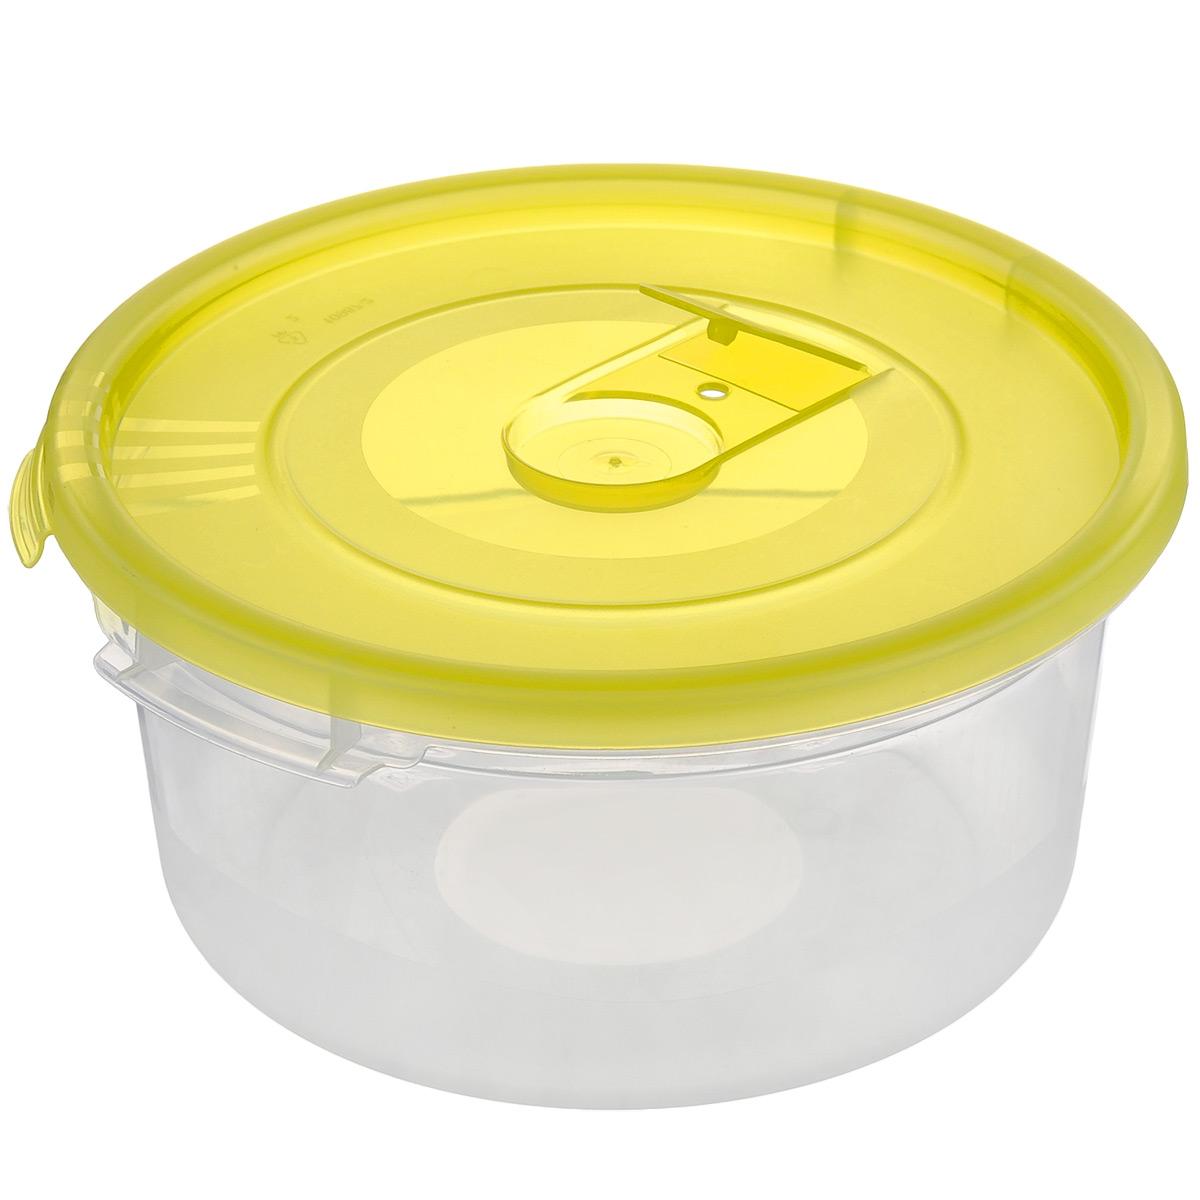 Контейнер Полимербыт Смайл, цвет: прозрачный, желтый, 800 млС521 желтыйКонтейнер Полимербыт Смайл круглой формы, изготовленный из прочного пластика, предназначен специально для хранения пищевых продуктов. Контейнер оснащен герметичнойкрышкой со специальным клапаном, благодаря которому внутри создается вакуум, и продукты дольше сохраняют свежесть и аромат. Крышкалегко открывается и плотно закрывается.Стенки контейнера прозрачные - хорошо видно, что внутри.Контейнер устойчив к воздействию масел и жиров, легко моется. Контейнер имеет возможность хранения продуктов глубокой заморозки, обладает высокой прочностью. Можно мыть в посудомоечной машине. Подходит для использования в микроволновых печах.Диаметр: 15 см.Высота (без крышки): 7 см.